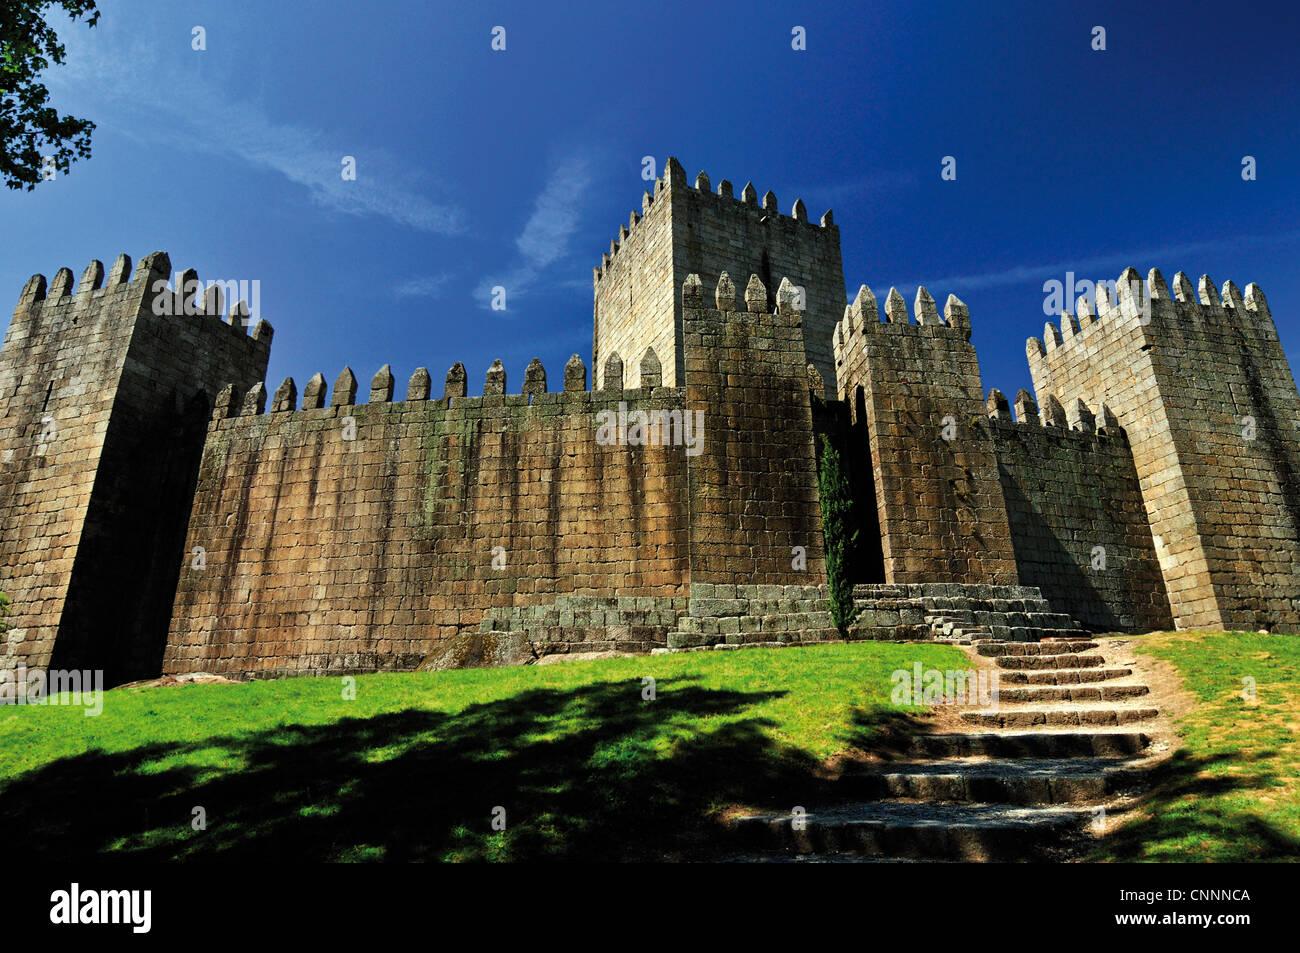 Portugal: château médiéval et berceau de Portugal dans la capitale européenne de la Culture Photo Stock